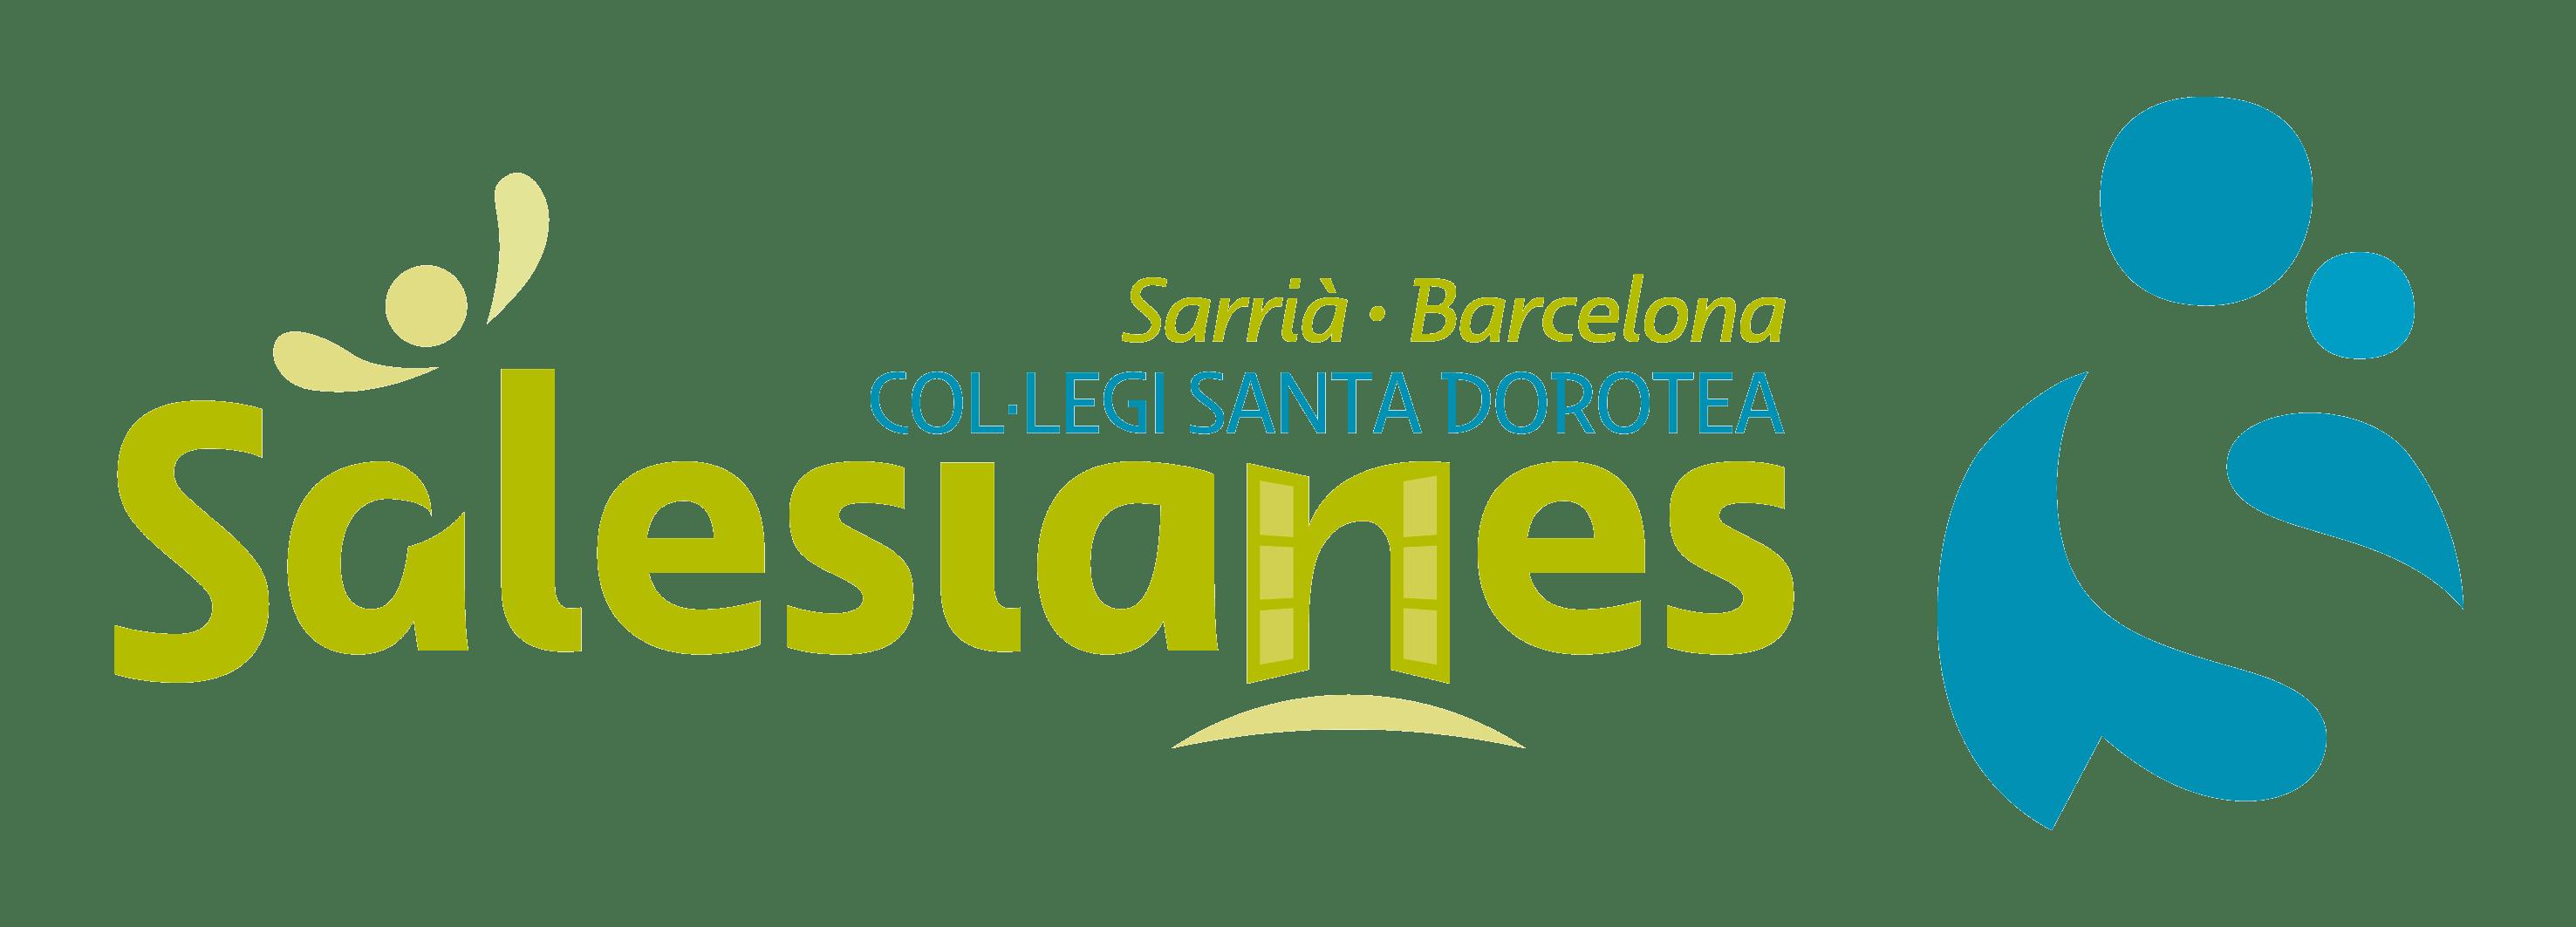 Col·legi Santa Dorotea – Sarrià